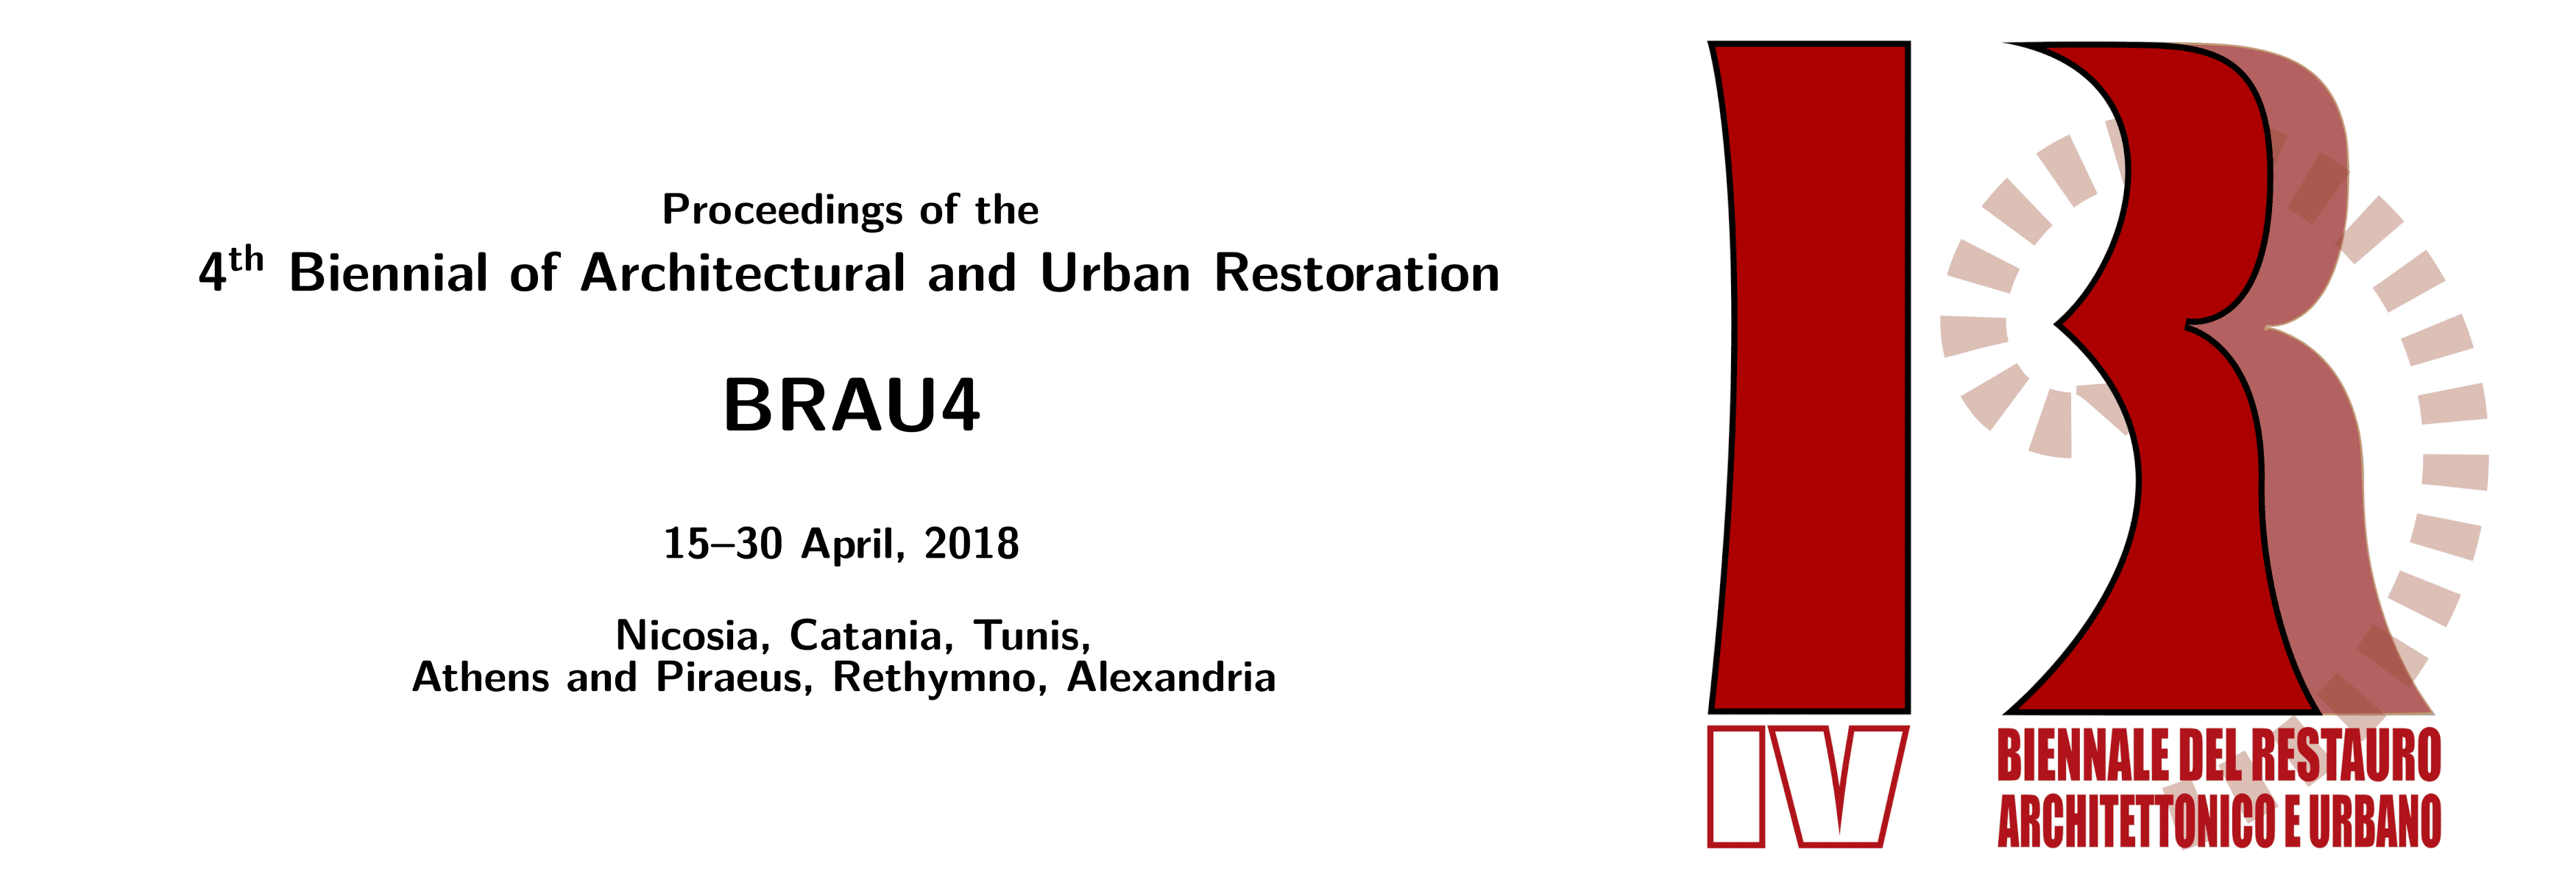 BRAU4 Proceedings header.